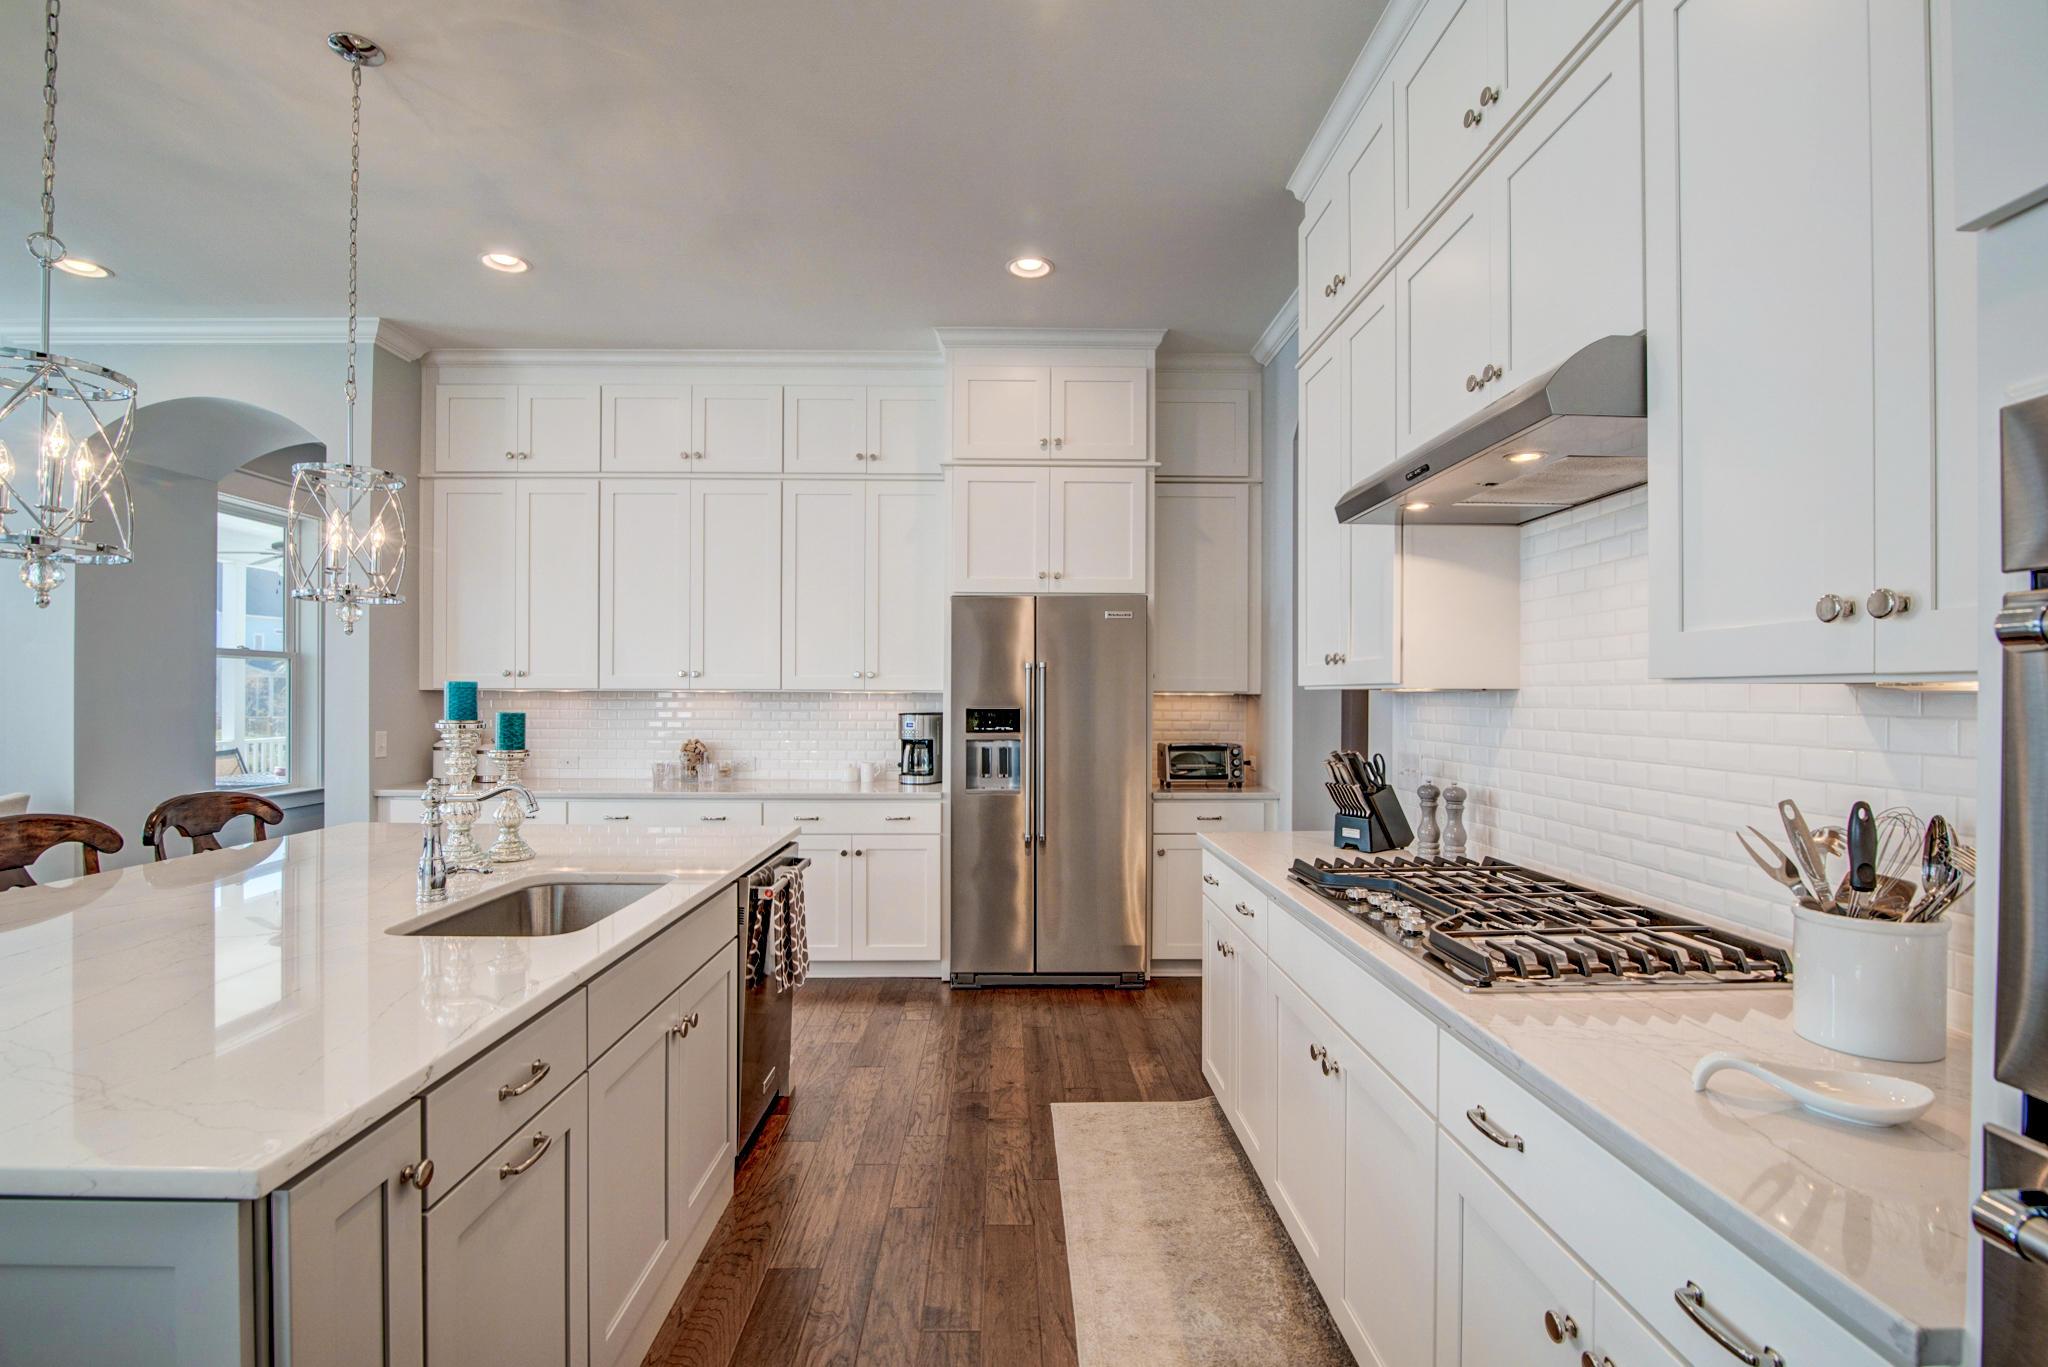 Dunes West Homes For Sale - 2883 River Vista, Mount Pleasant, SC - 32